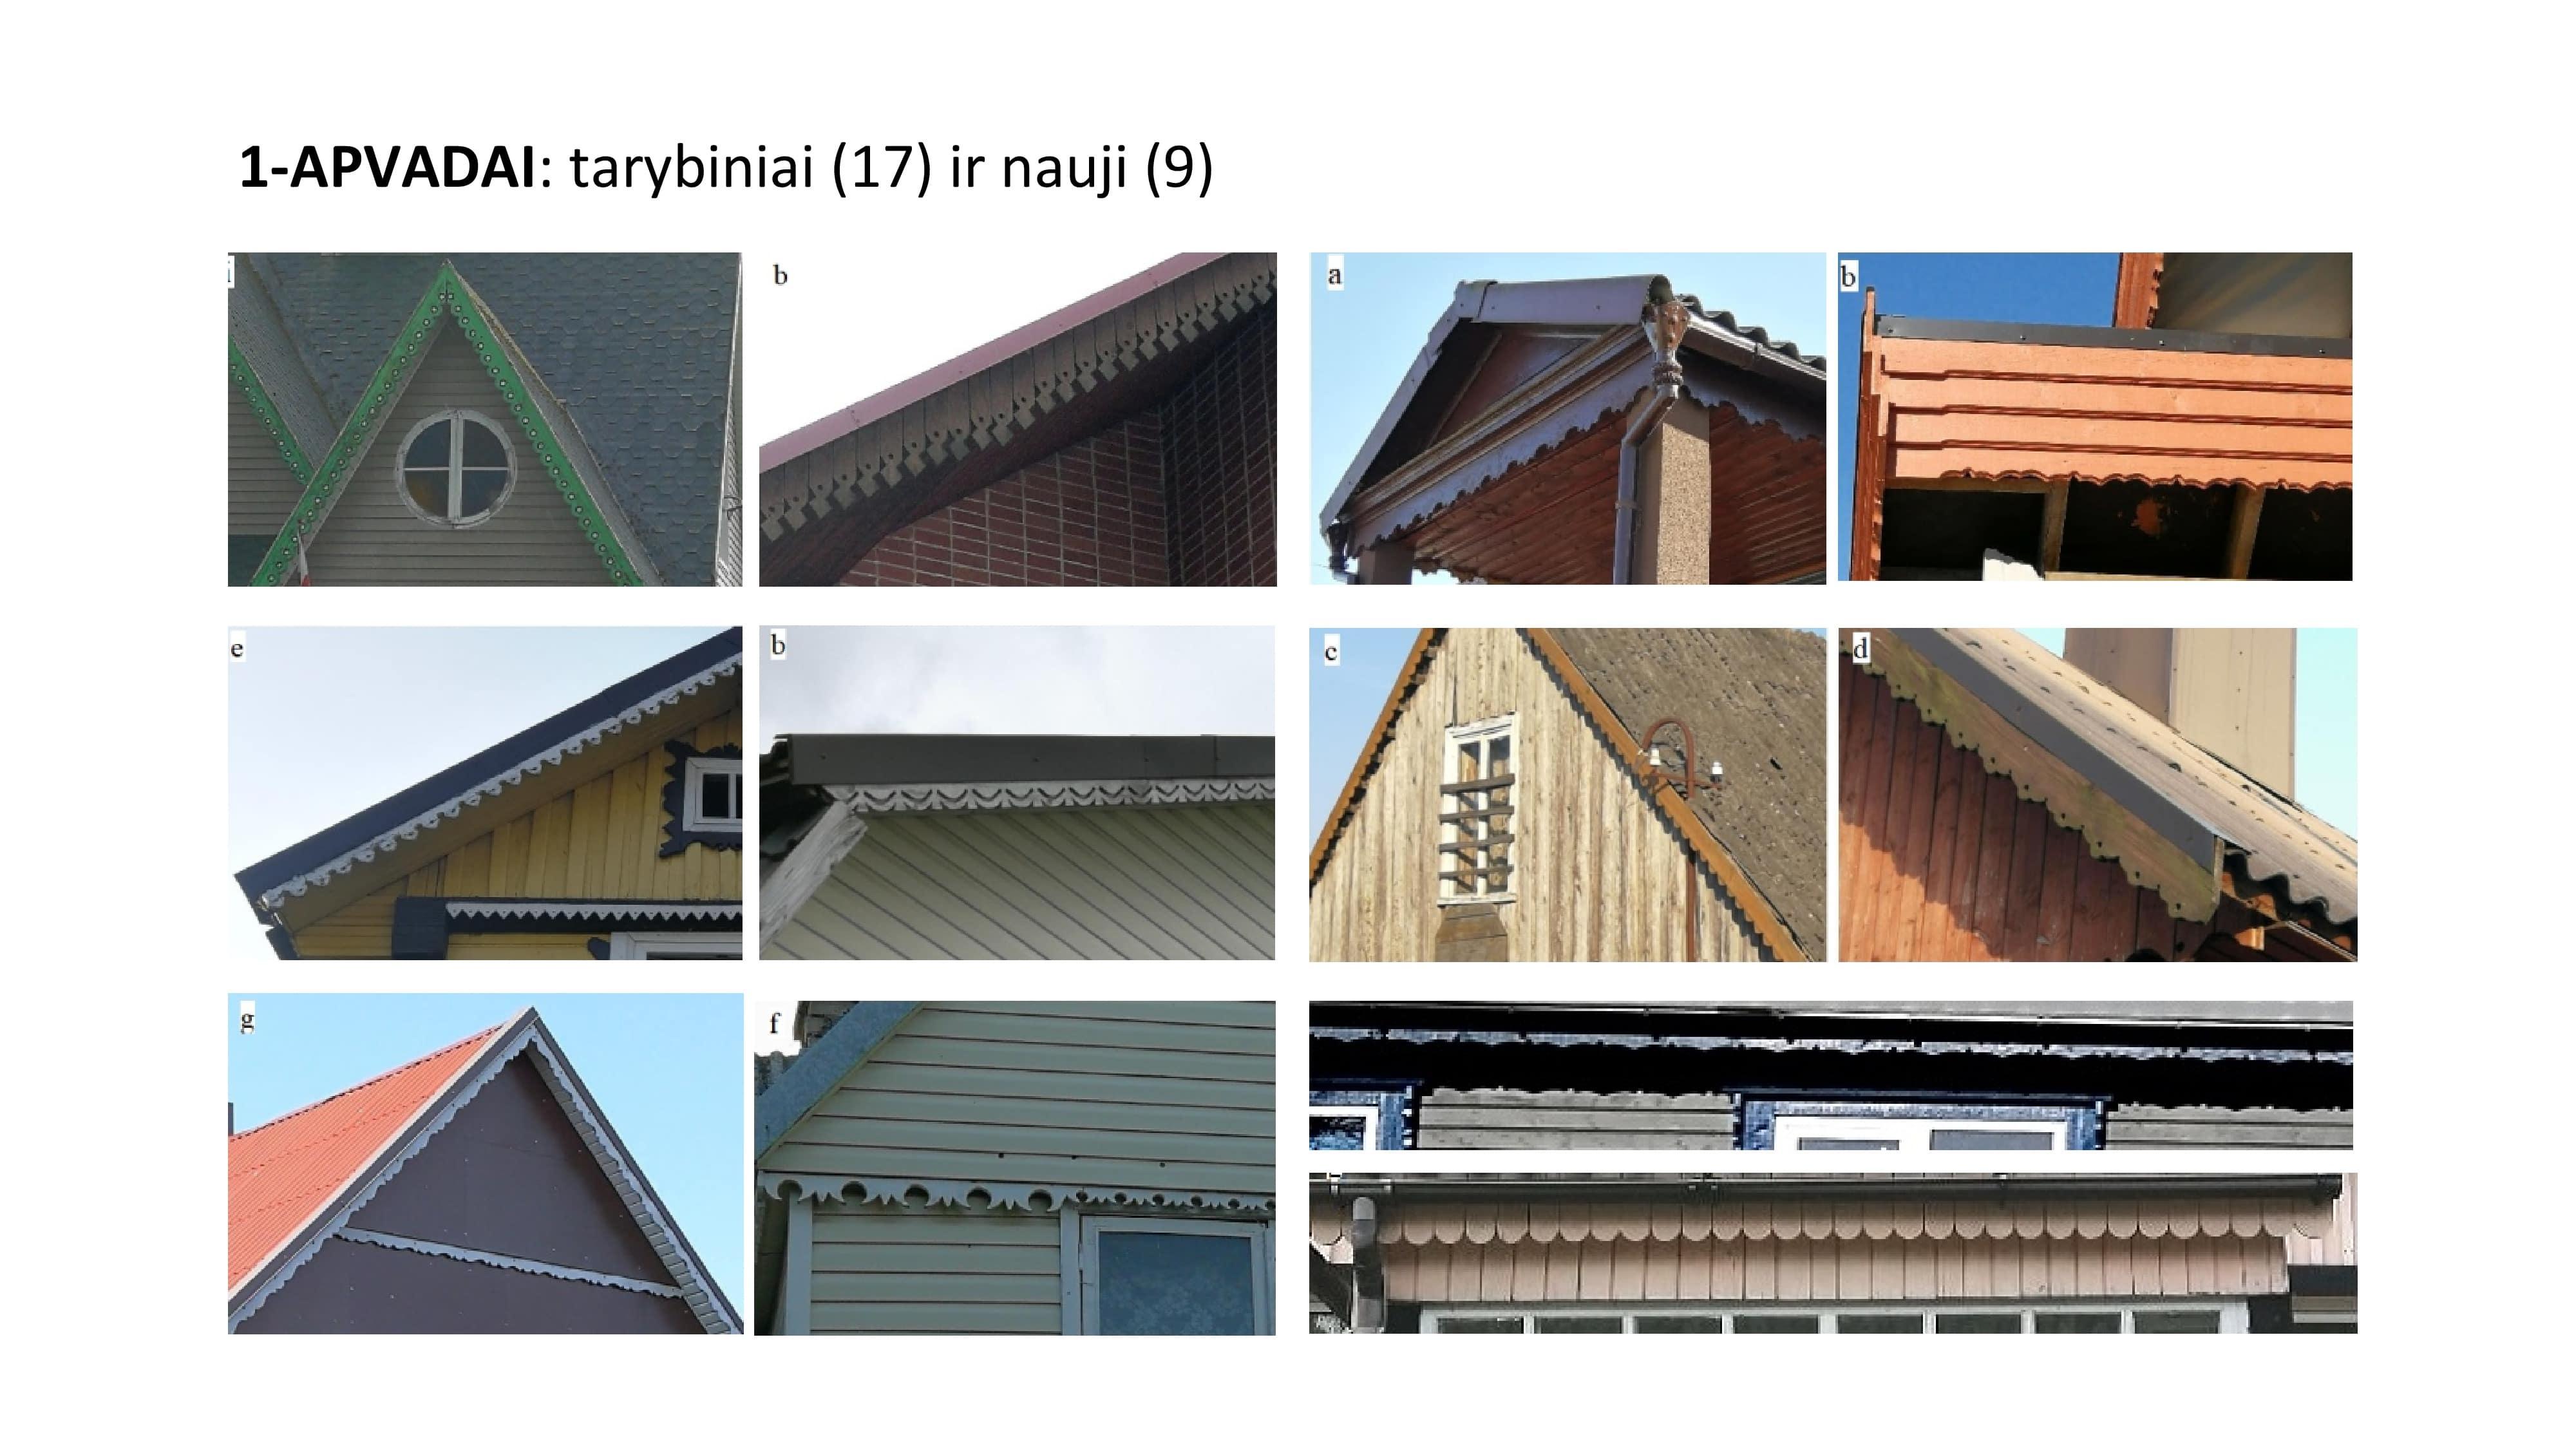 tarybinio laikotarpio ir naujieji apvadai pastatų eksterjere